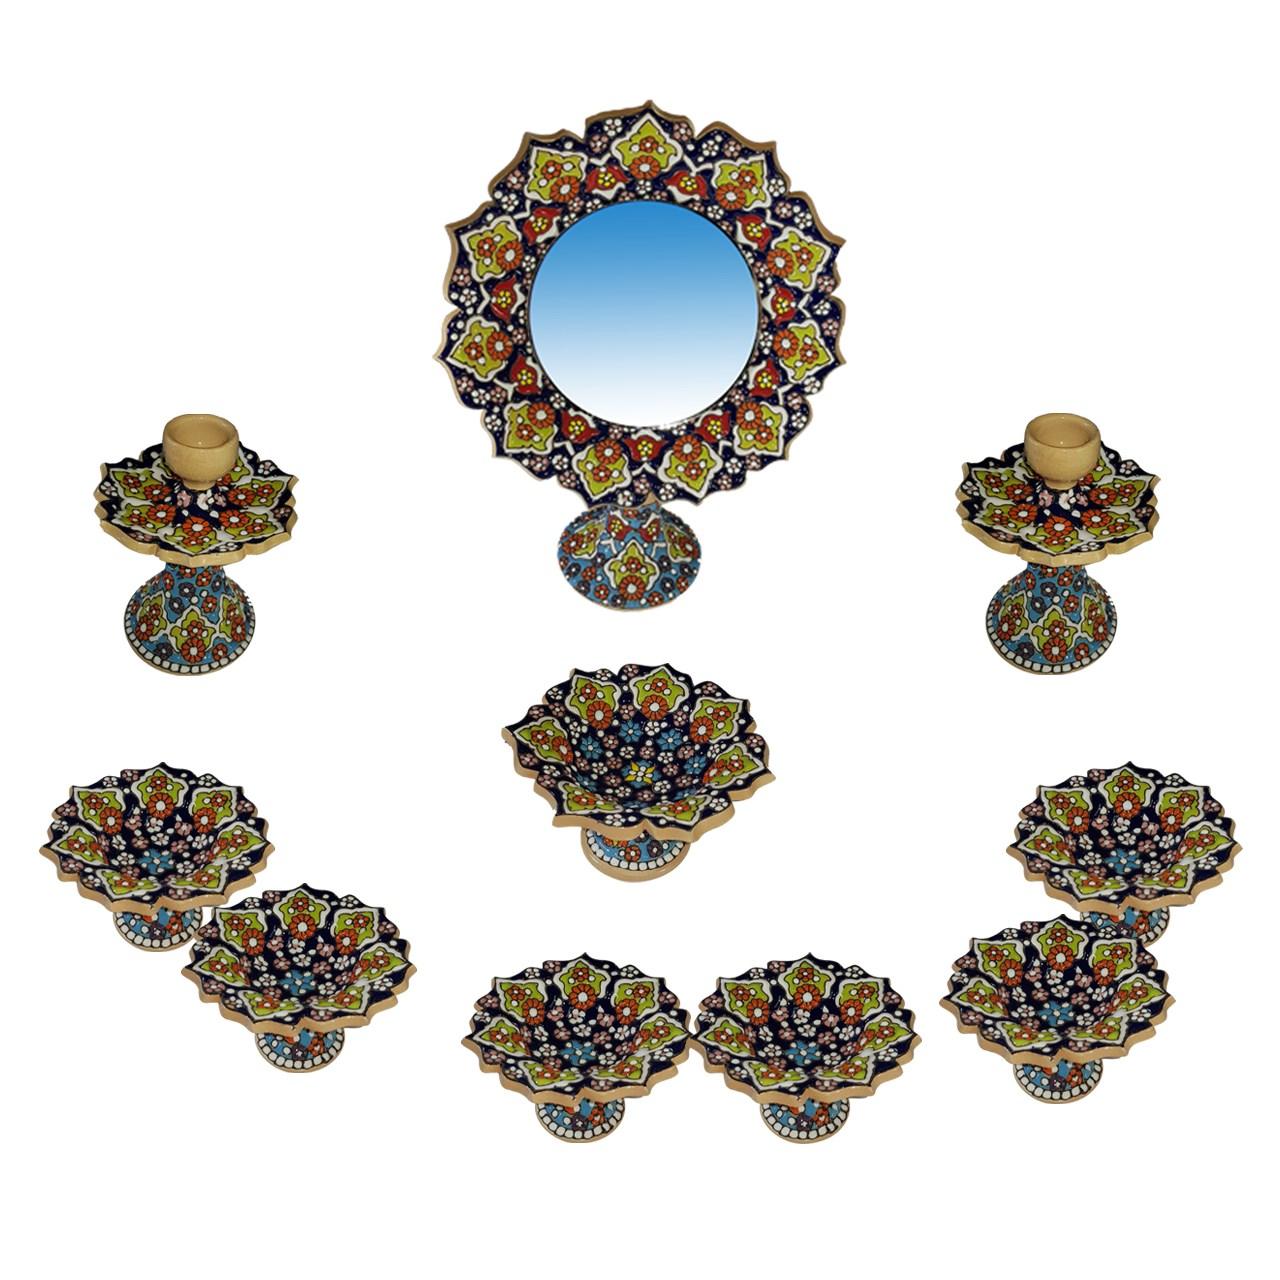 مجموعه 10 پارچه هفت سین سفالی لازاپونی طرح میناکاری مدل الماس کد79